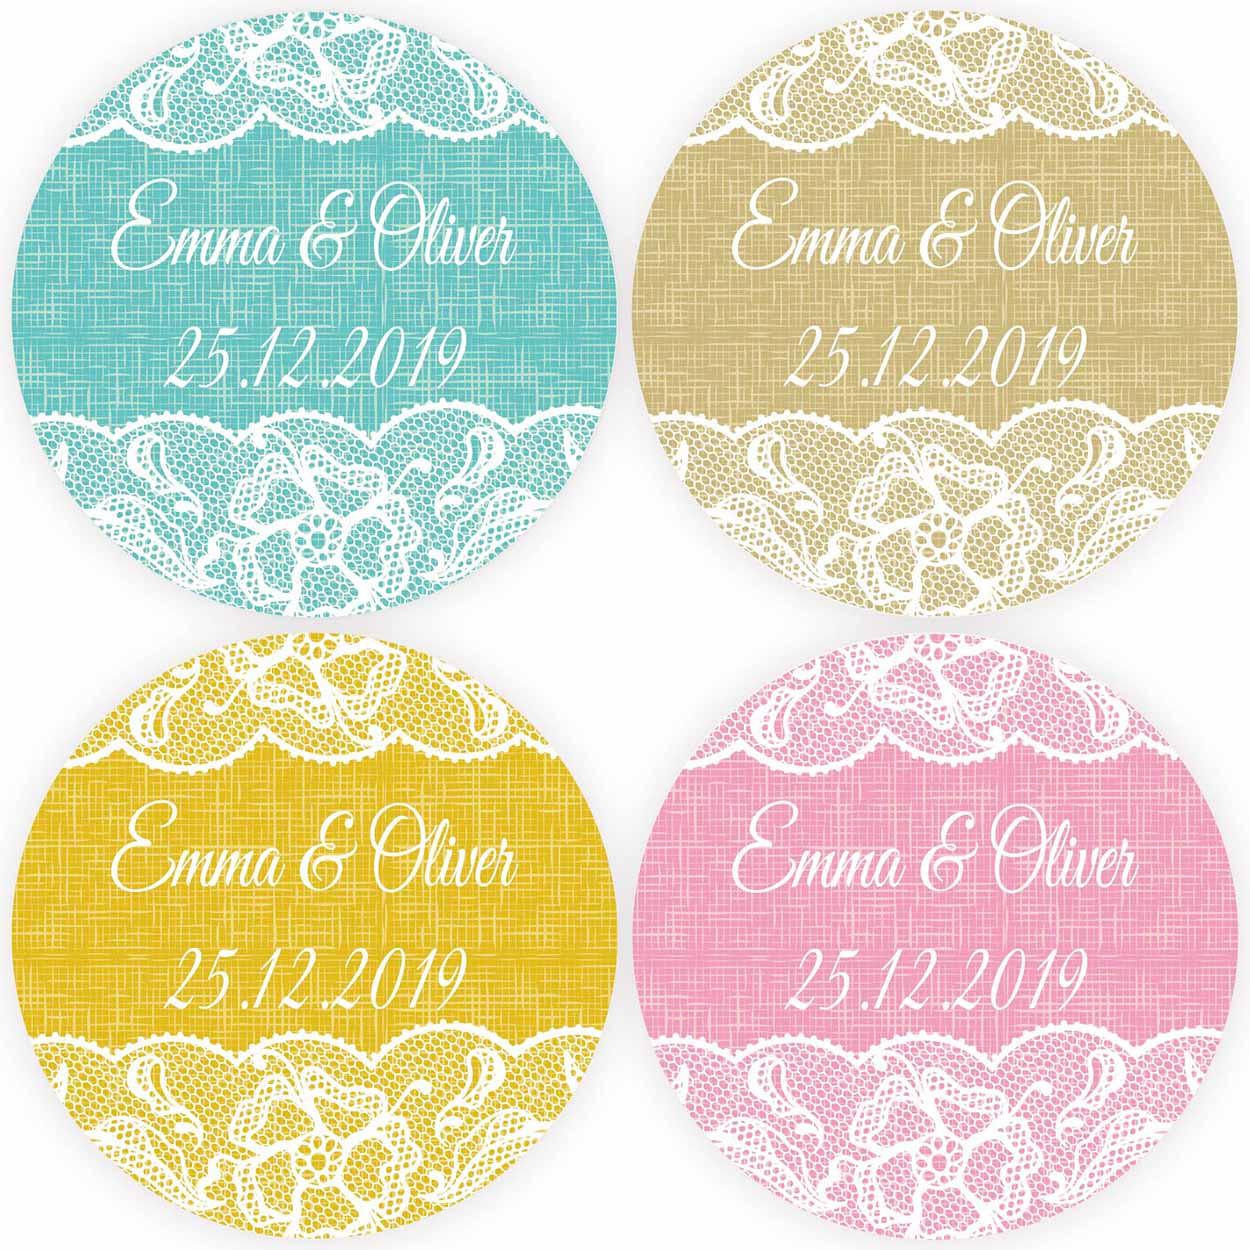 DouxArt, 100 piezas, pegatinas personalizadas de favores de la boda, 4 CM, Fiesta de matrimonio, sellos de bautismo de comunión, etiquetas, agregar nombres y fechas